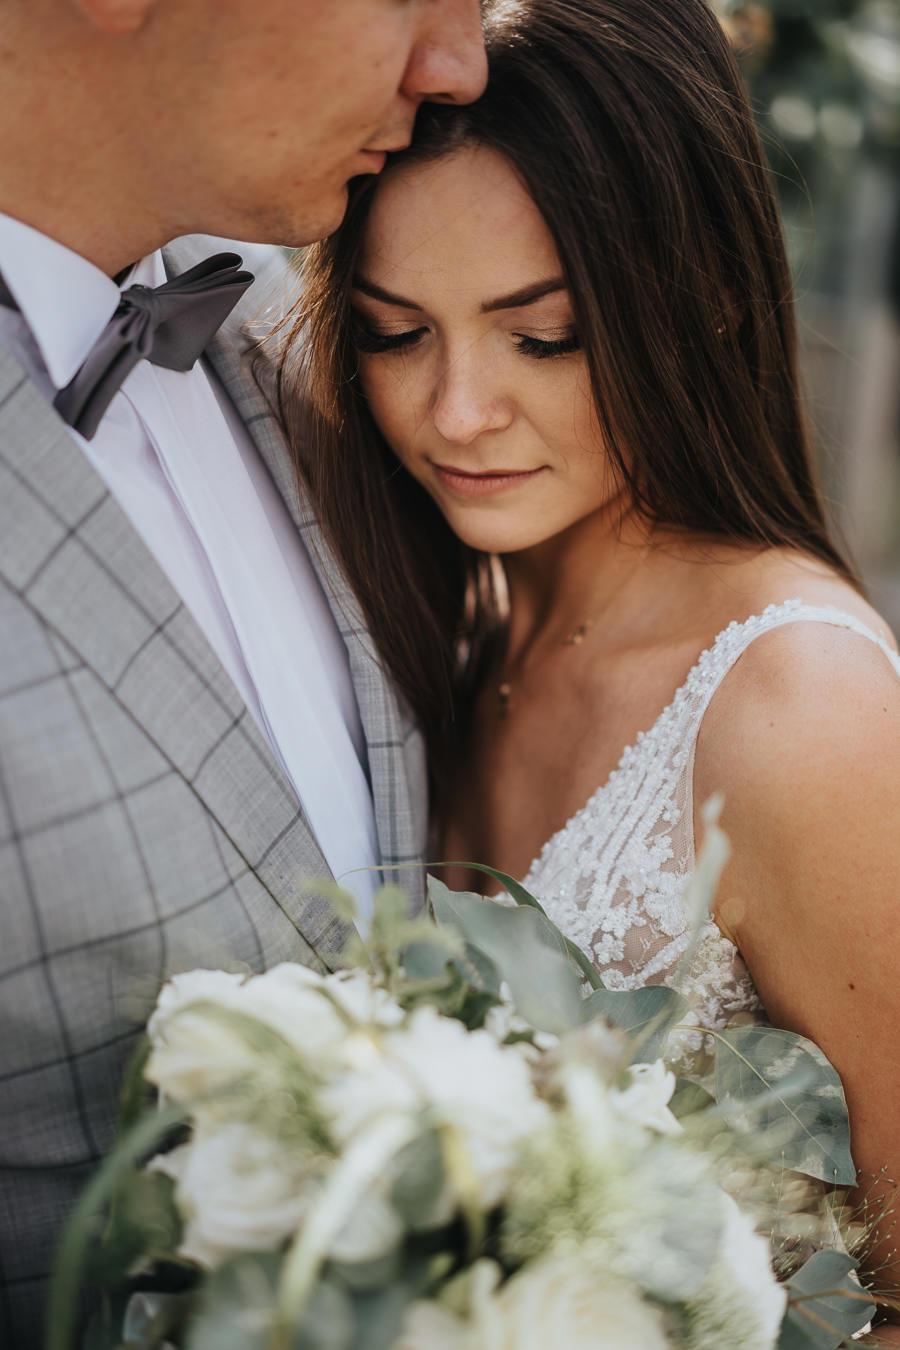 Sesja poślubna w oranżerii 10